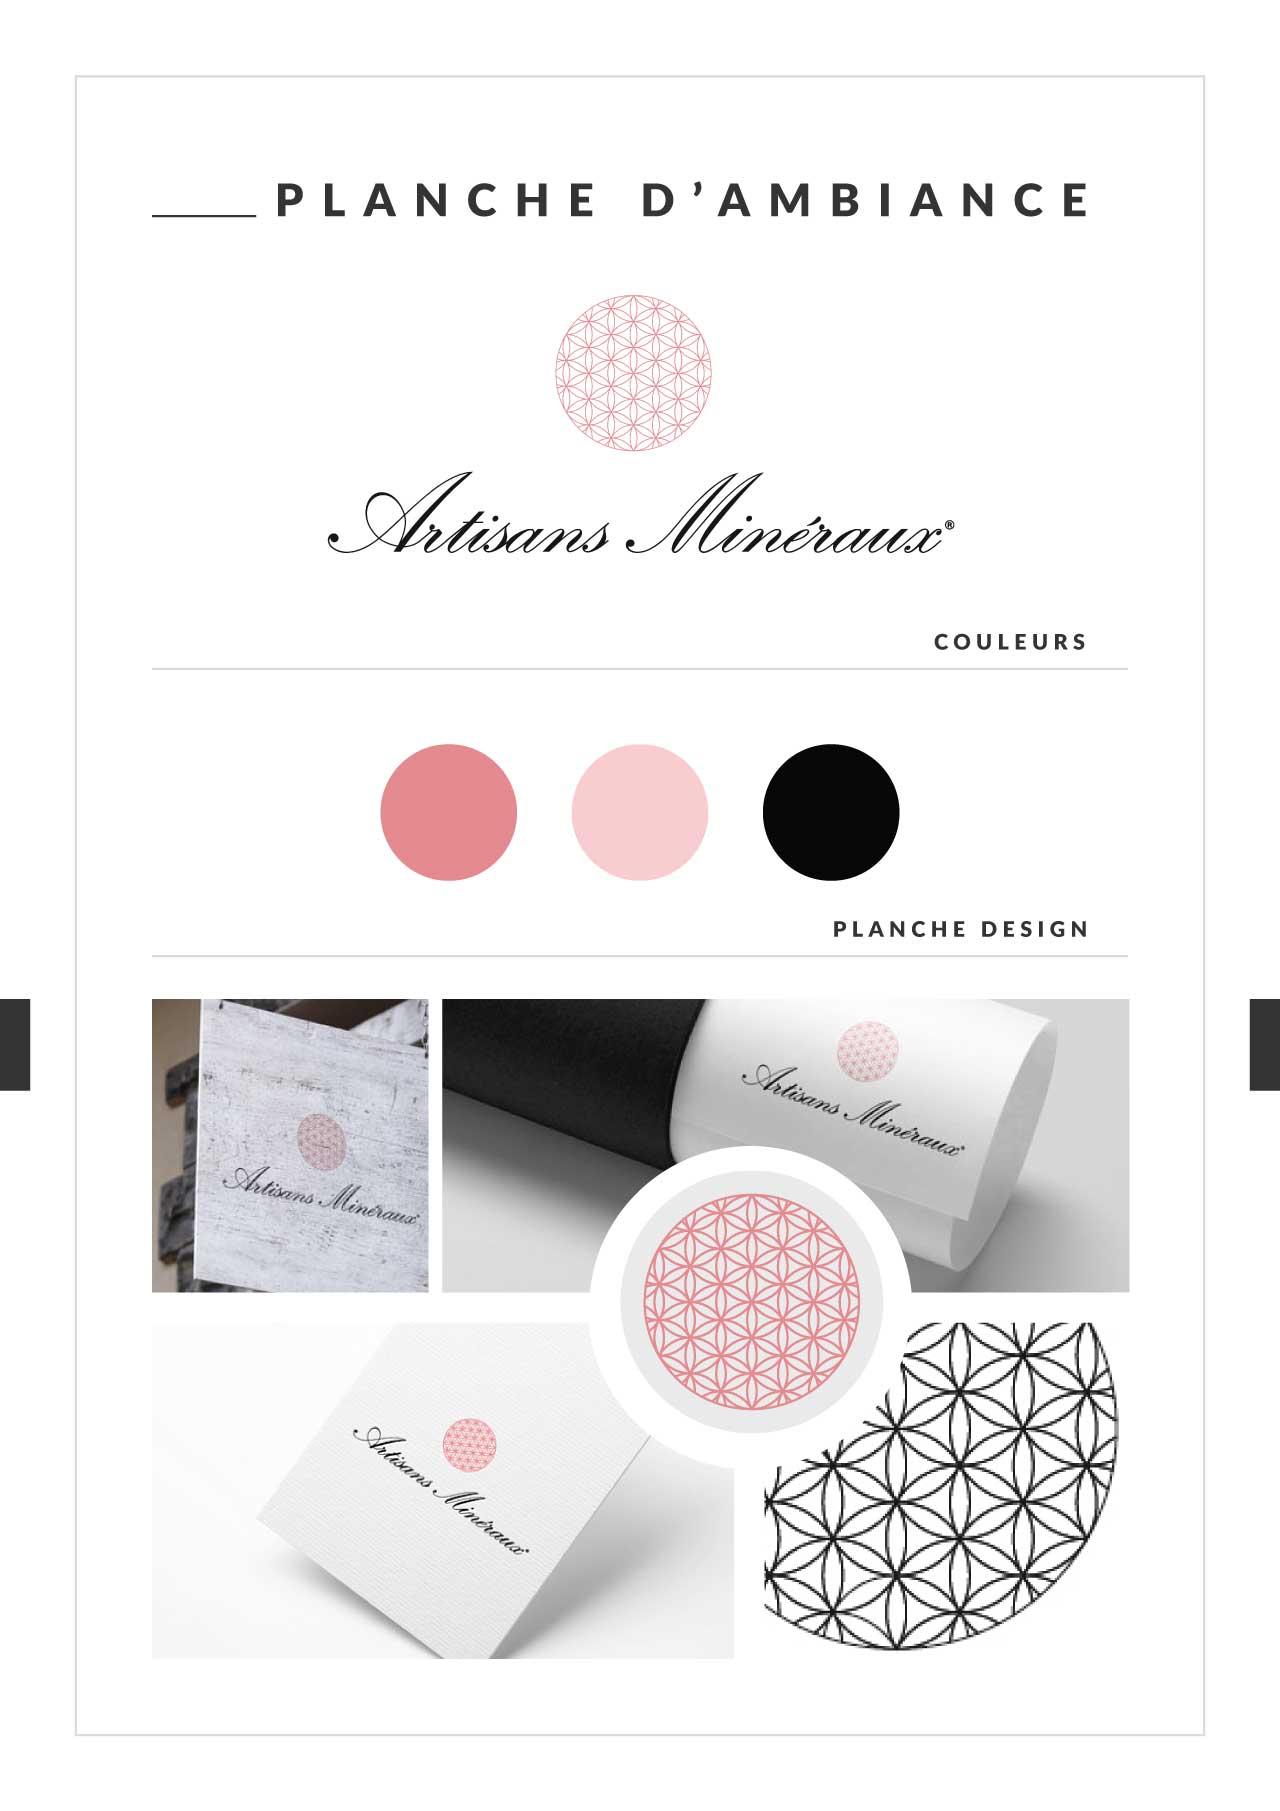 [XT DESIGN WEB] creation logo Artisans Minéraux planche